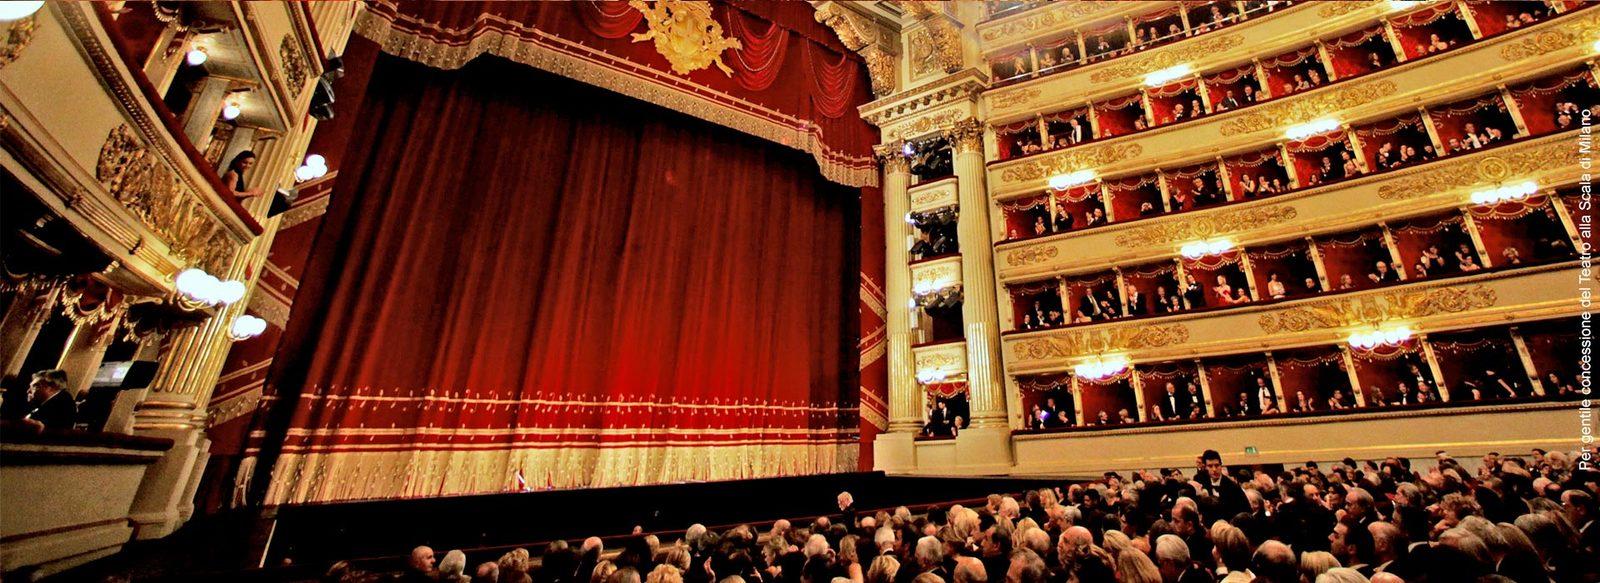 Per gentile concessione del Teatro alla Scala di Milano